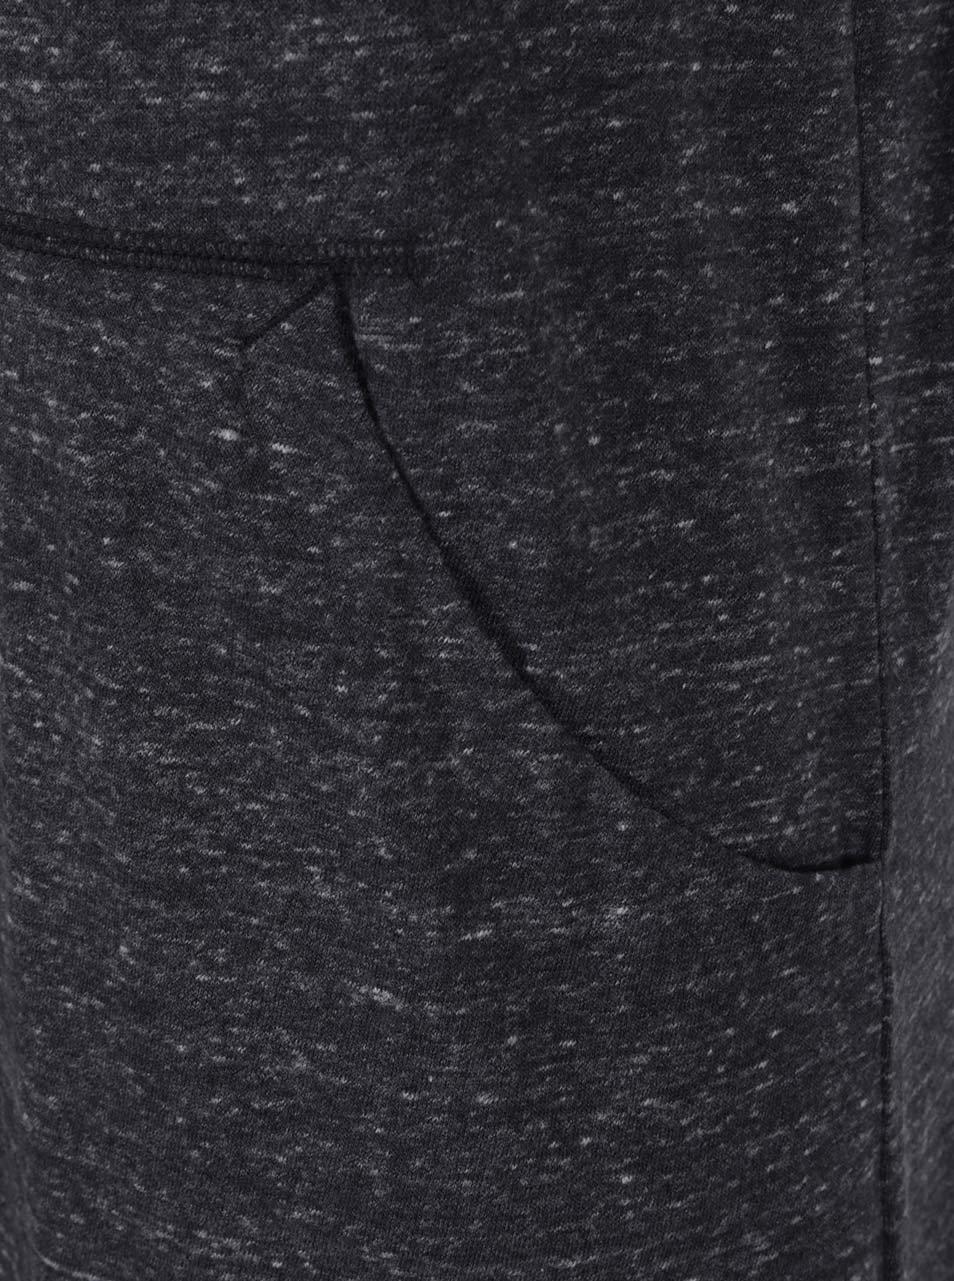 Černé dámské žíhané sportovní šaty bez rukávů Nike ... cc86a3d0a7